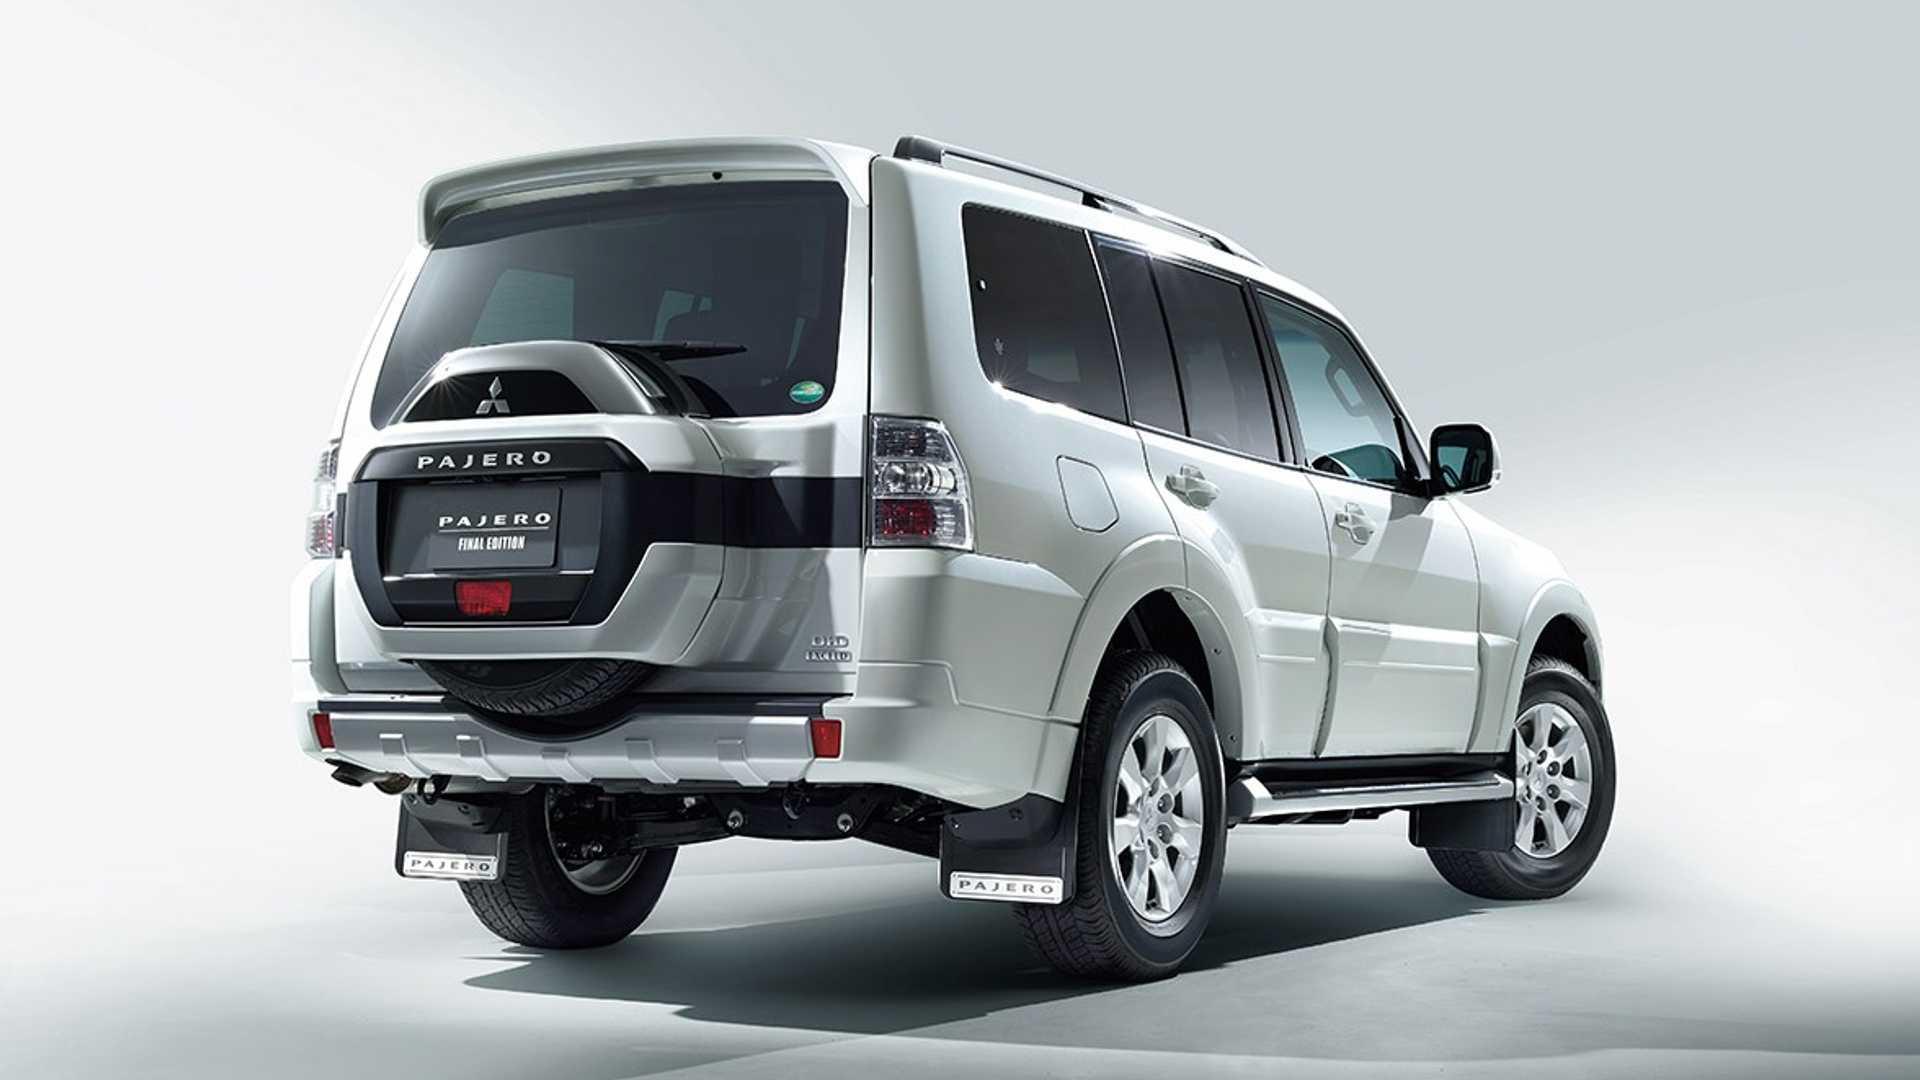 Mitsubishi Pajero VR 3.0 Specifications